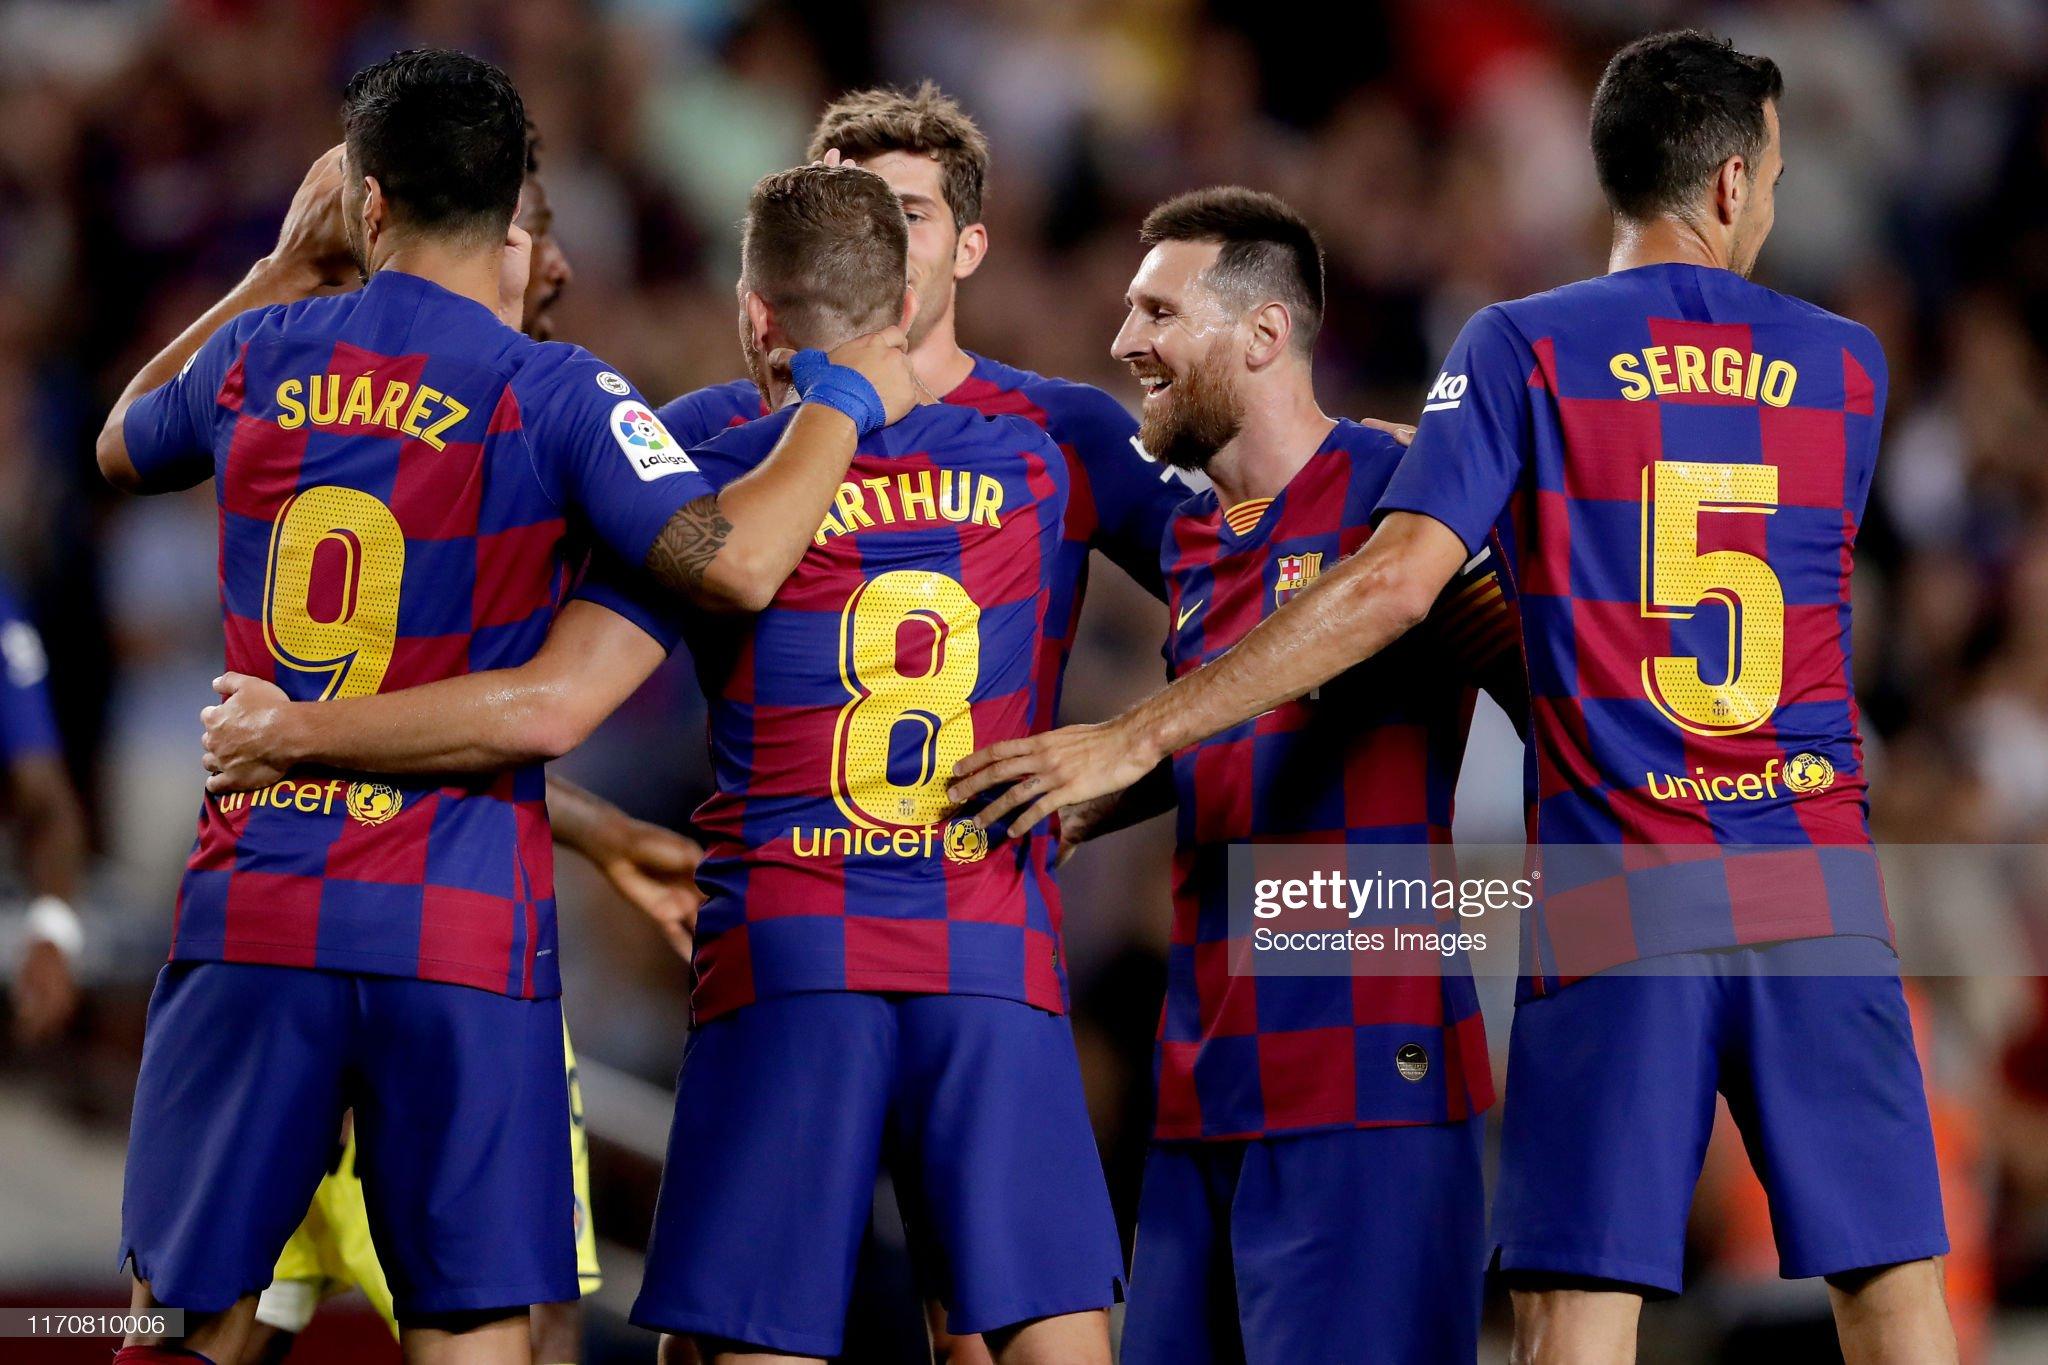 صور مباراة : برشلونة - فياريال 2-1 ( 24-09-2019 )  Luis-suarez-of-fc-barcelona-arthur-of-fc-barcelona-lionel-messi-of-fc-picture-id1170810006?s=2048x2048